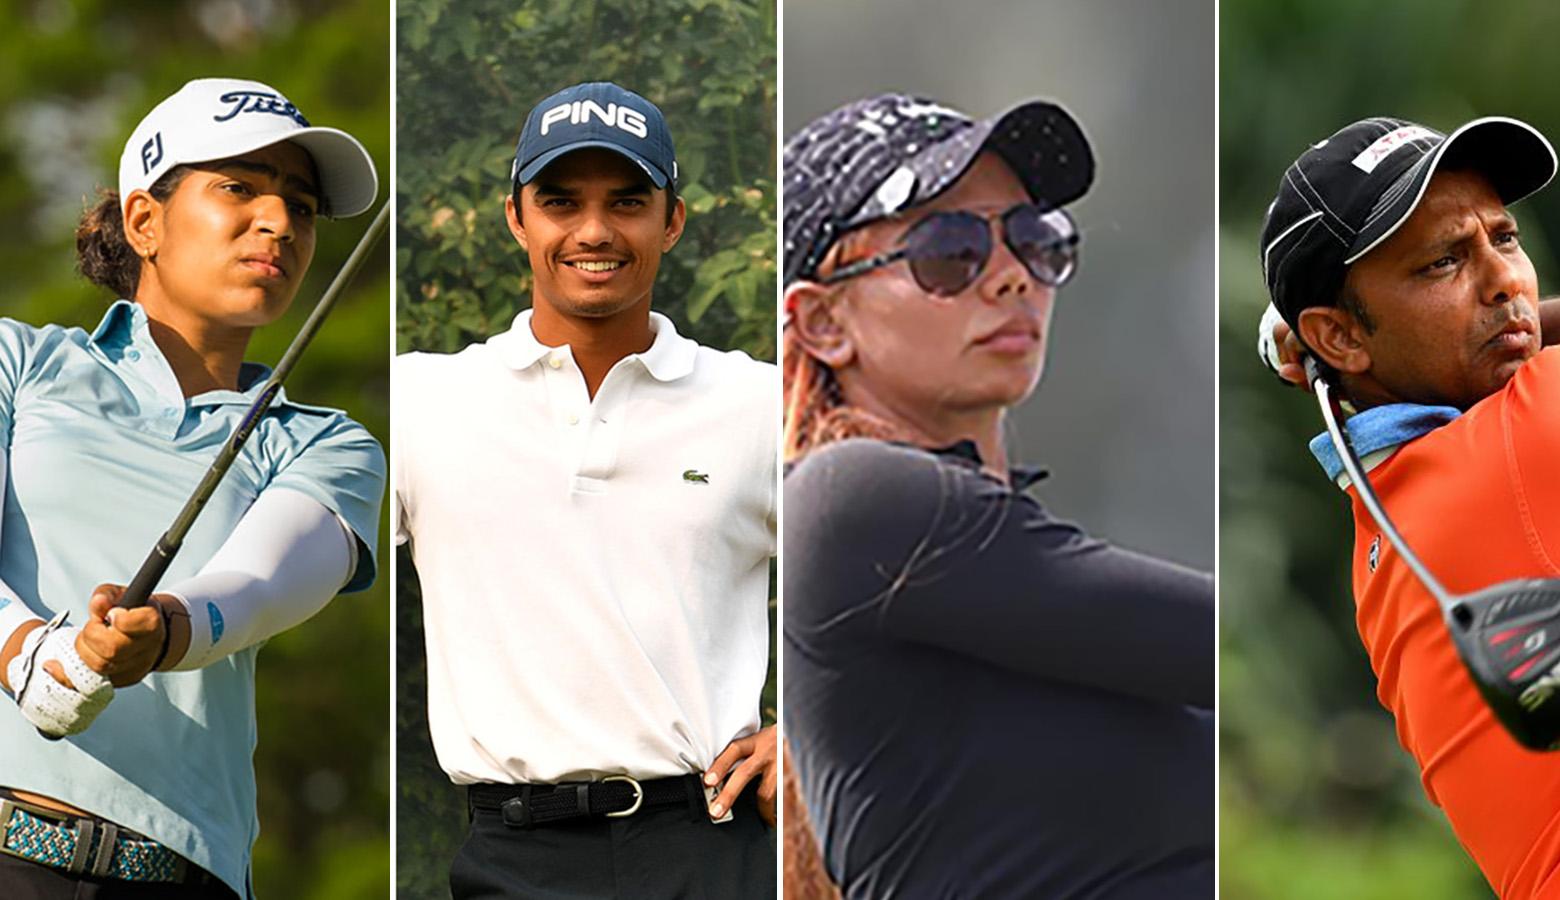 INDIA ROUND-UP: Diksha 2nd in Aust; Sharmila 7th in SA; SSP makes cut